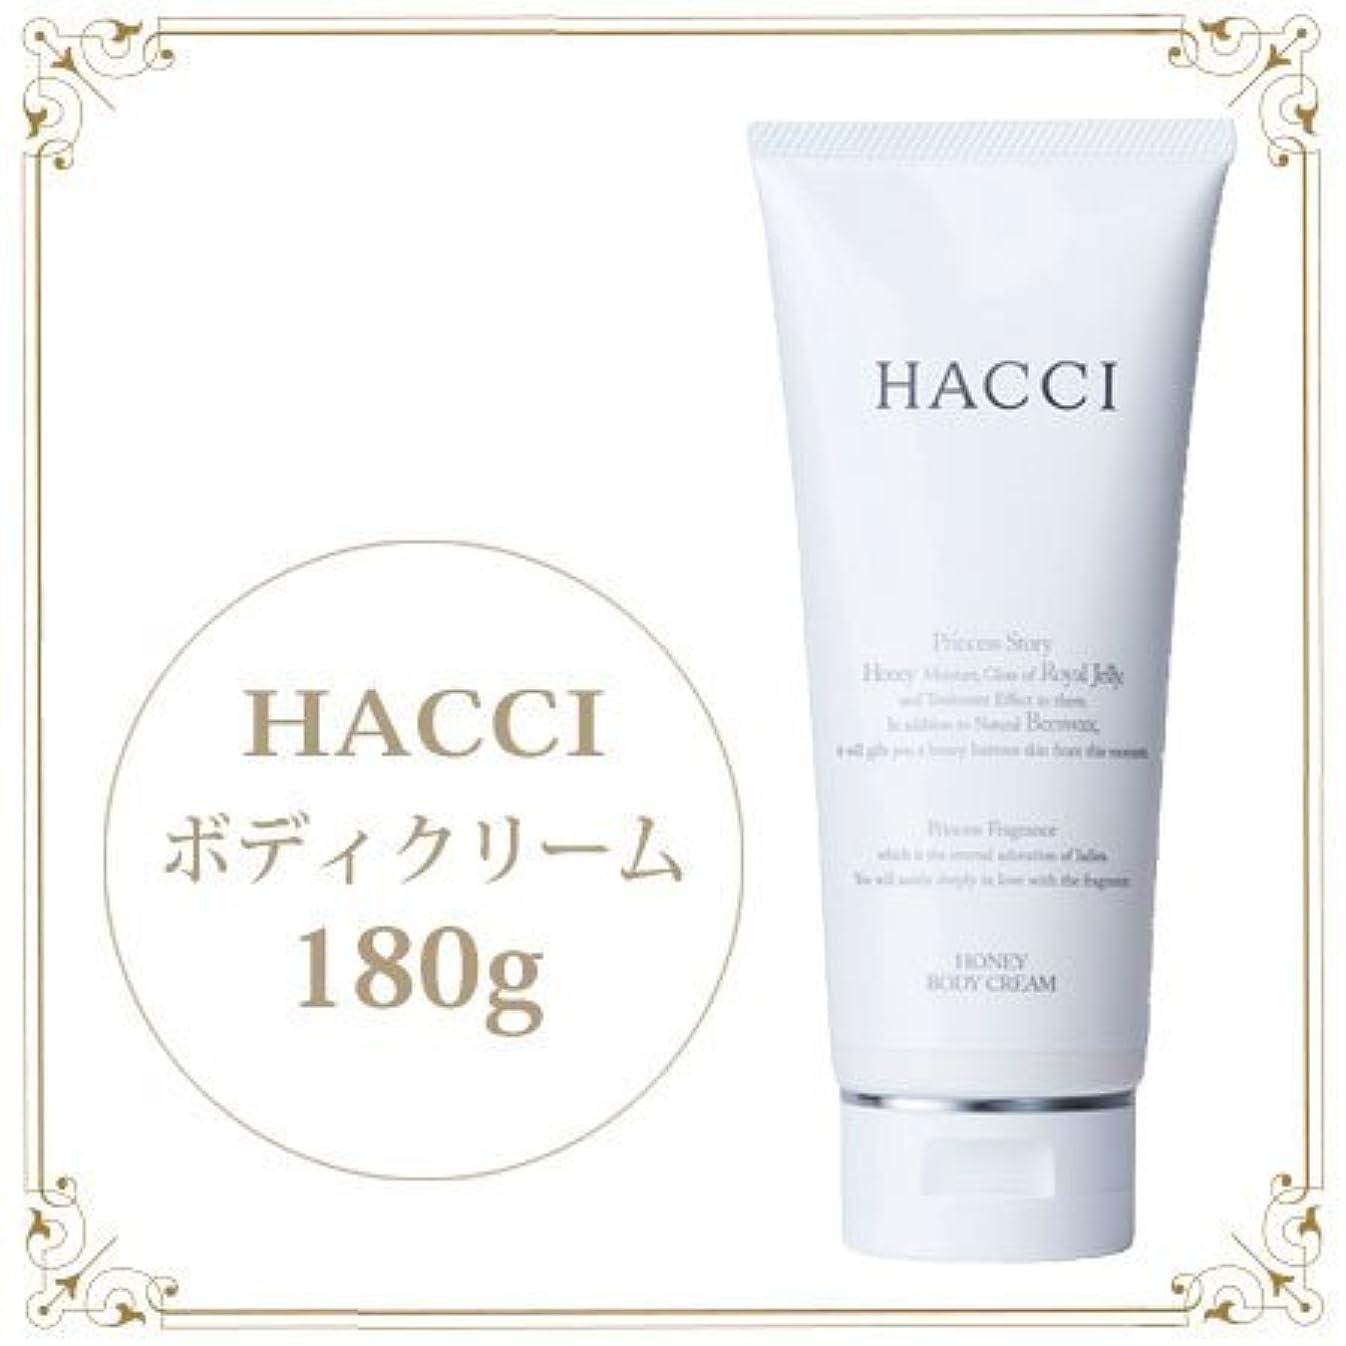 宿題をするキャビン流産ハッチ ボディクリーム 180g -HACCI 1912-